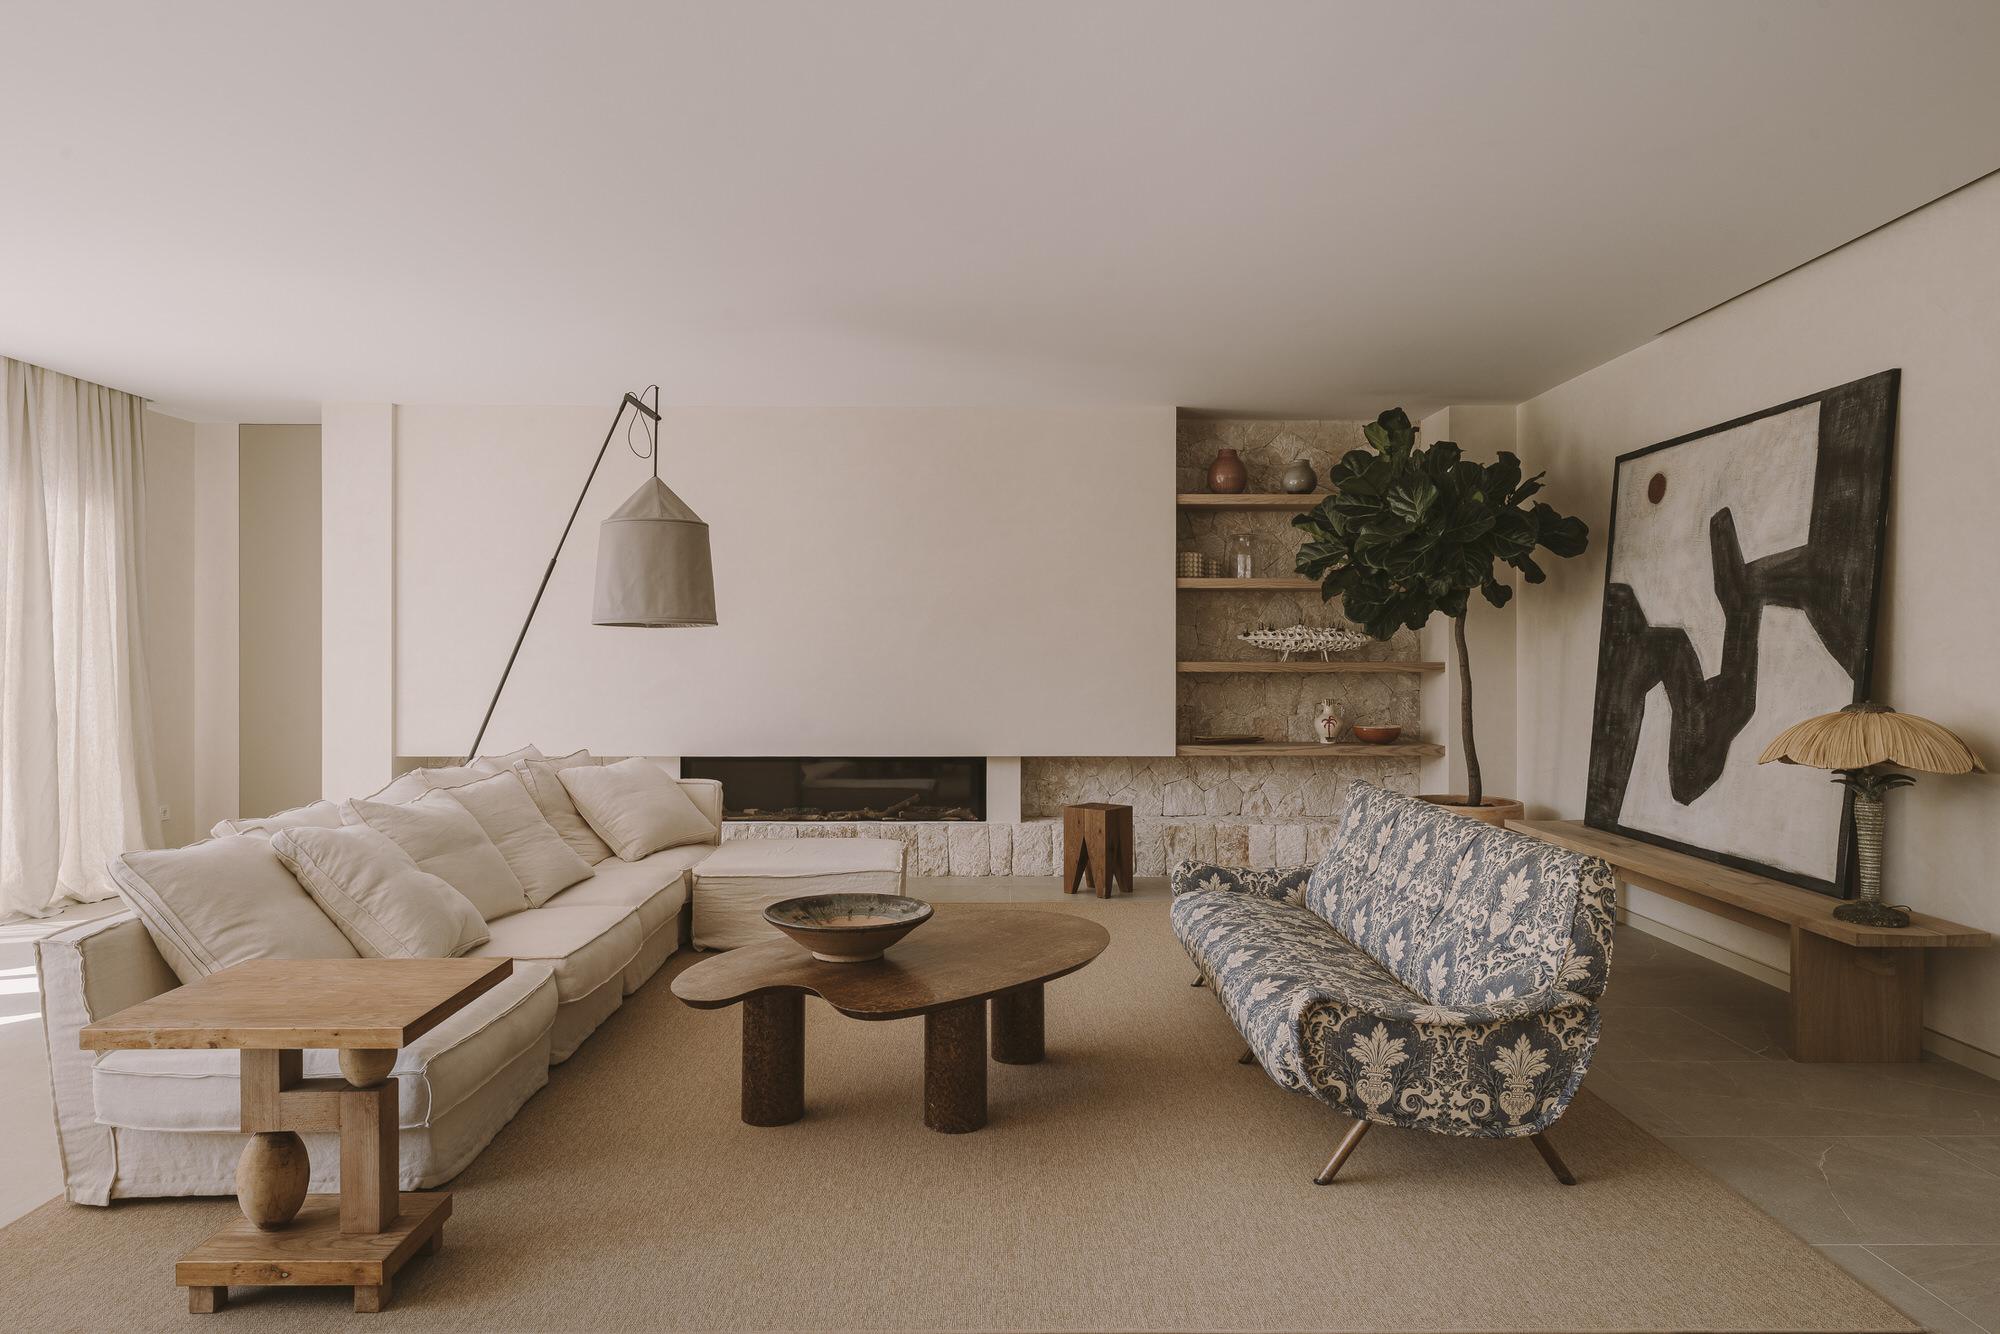 Paradowski Studio Pdm House Majorca Photo Pion Studio Yellowtrace 37